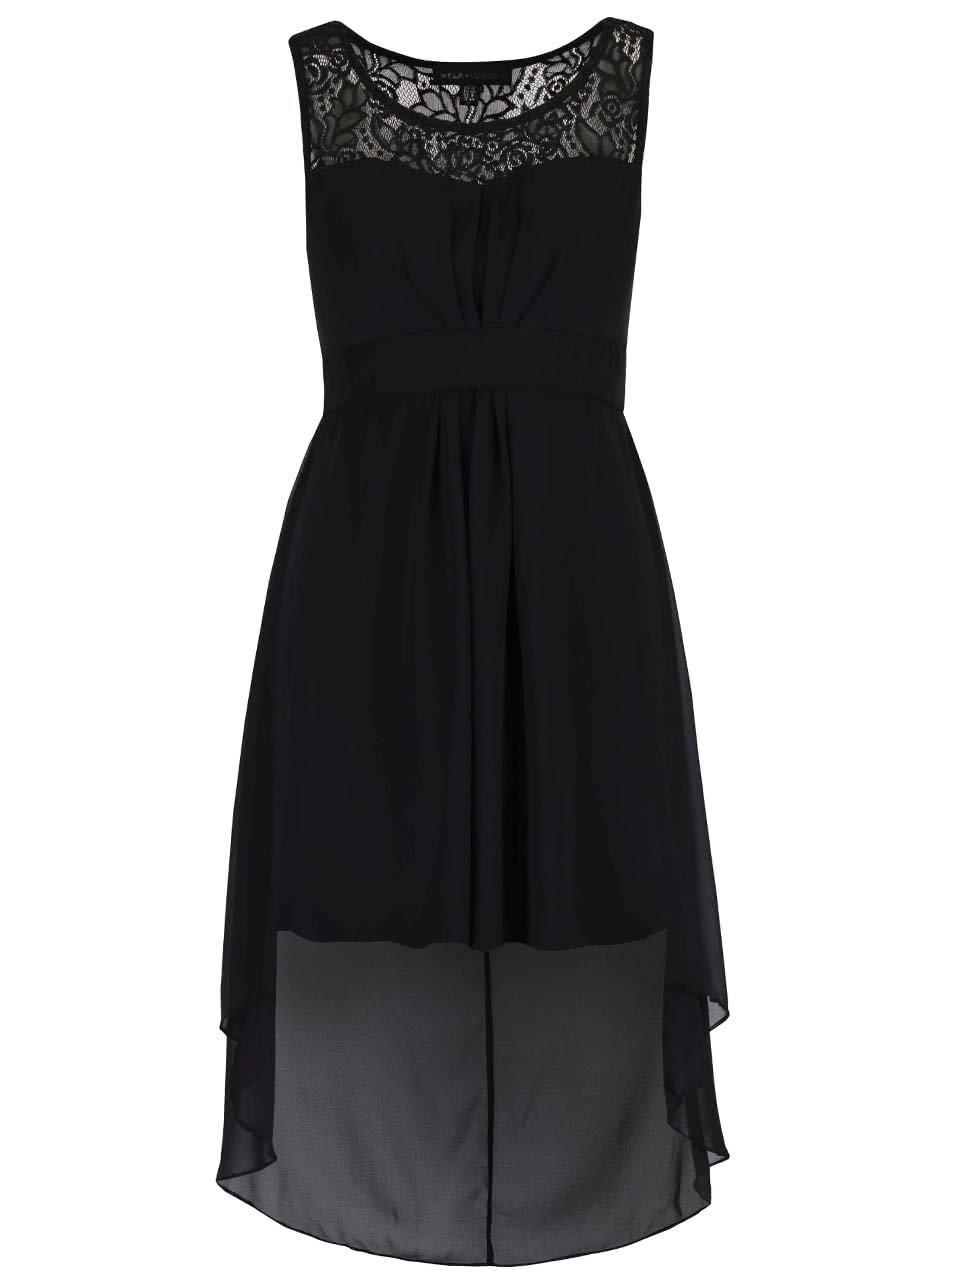 Čierne šaty s predĺženým zadným dielom Mela London ... 737ad2b3763